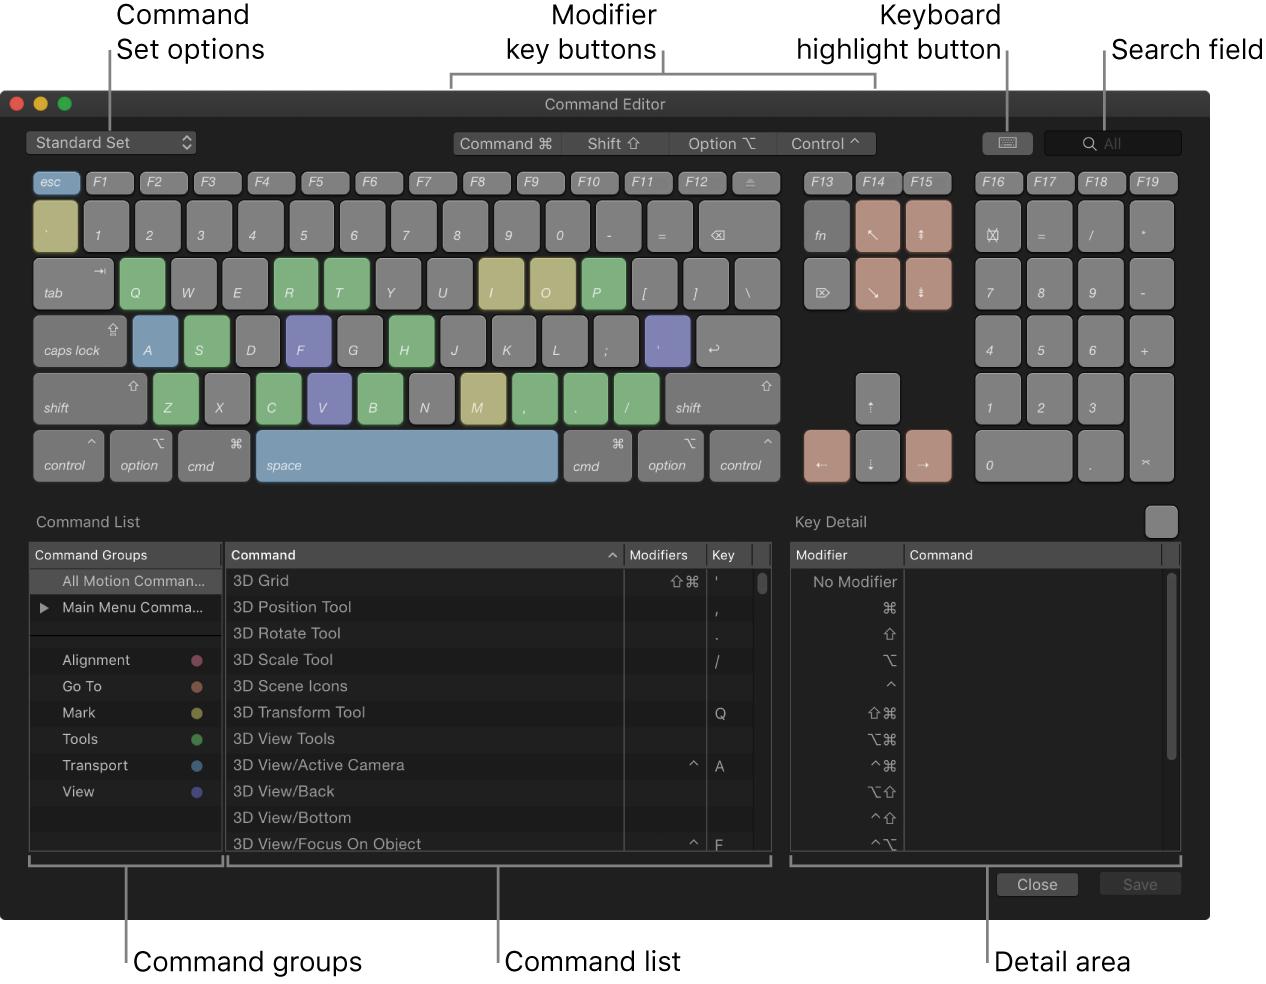 Befehlseditor mit den Optionen für die Befehlskonfiguration, den Sondertasten, der Taste für die optische Hervorhebung, dem Suchfeld, den Befehlsgruppen, der Befehlsliste und dem Informationsfenster für die Tasten